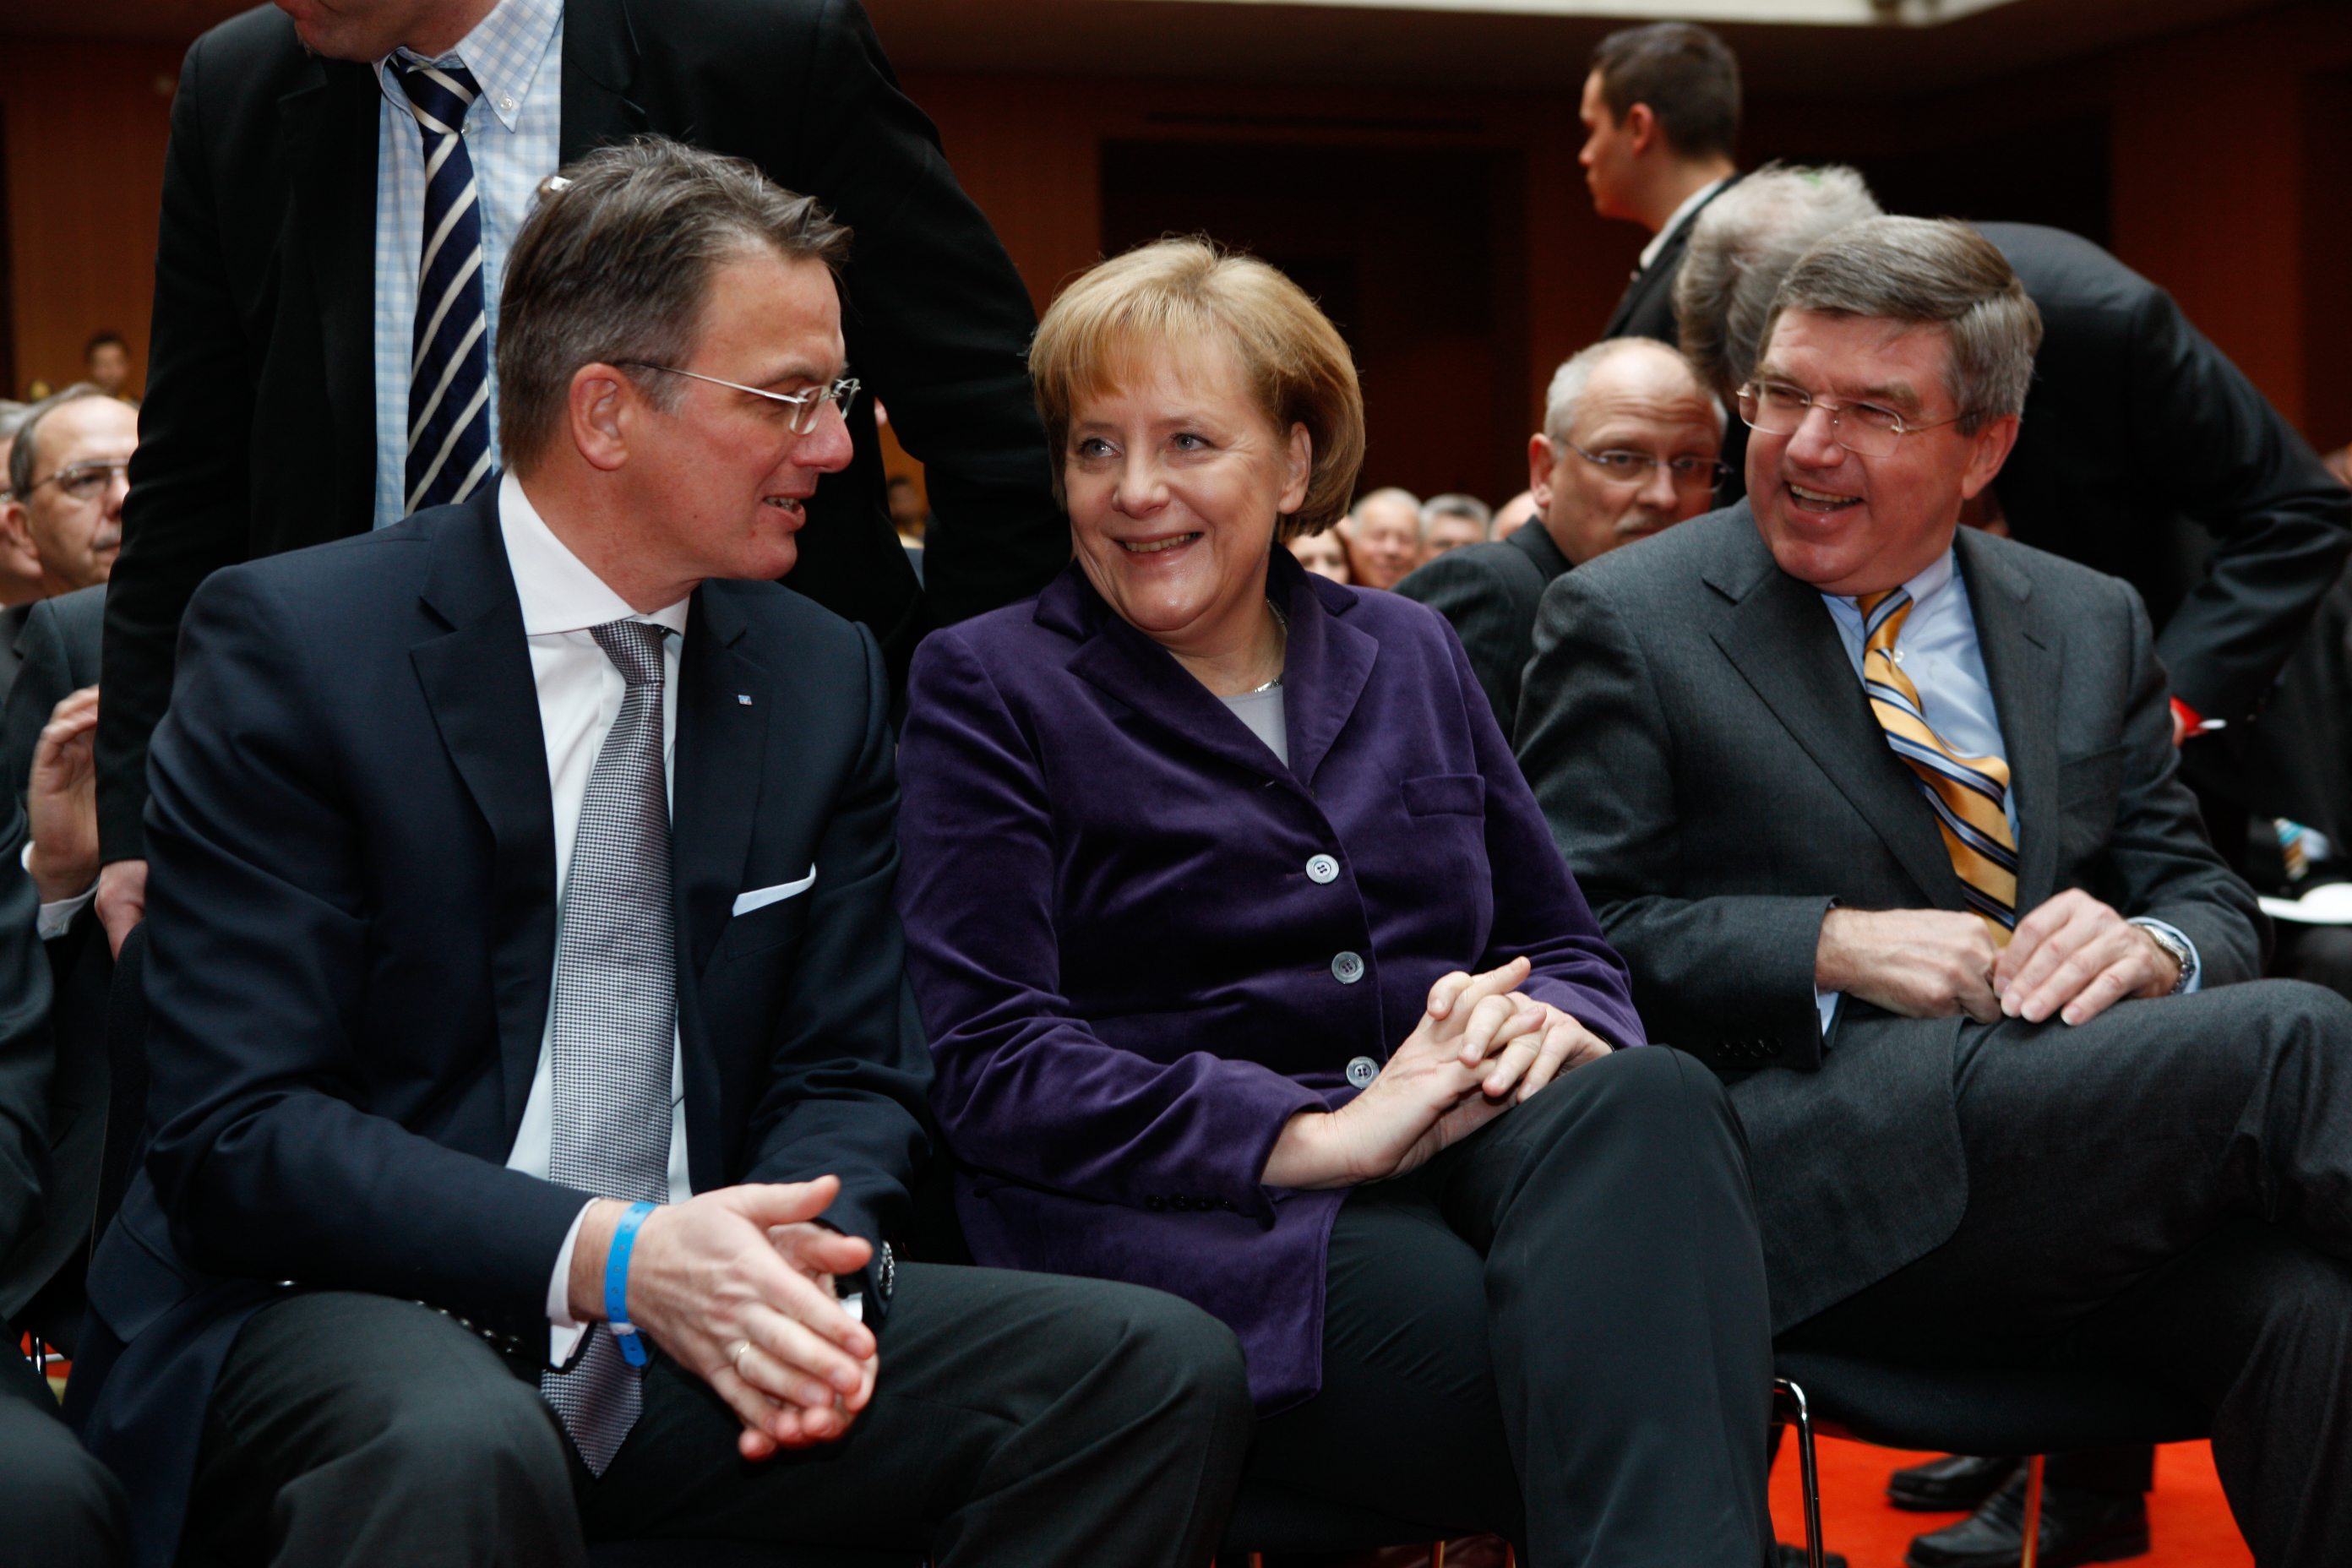 Uwe Fröhlich, Präsident des BVR, Bundeskanzlerin Angela Merkel und DOSB-Chef Thomas Bach 2010